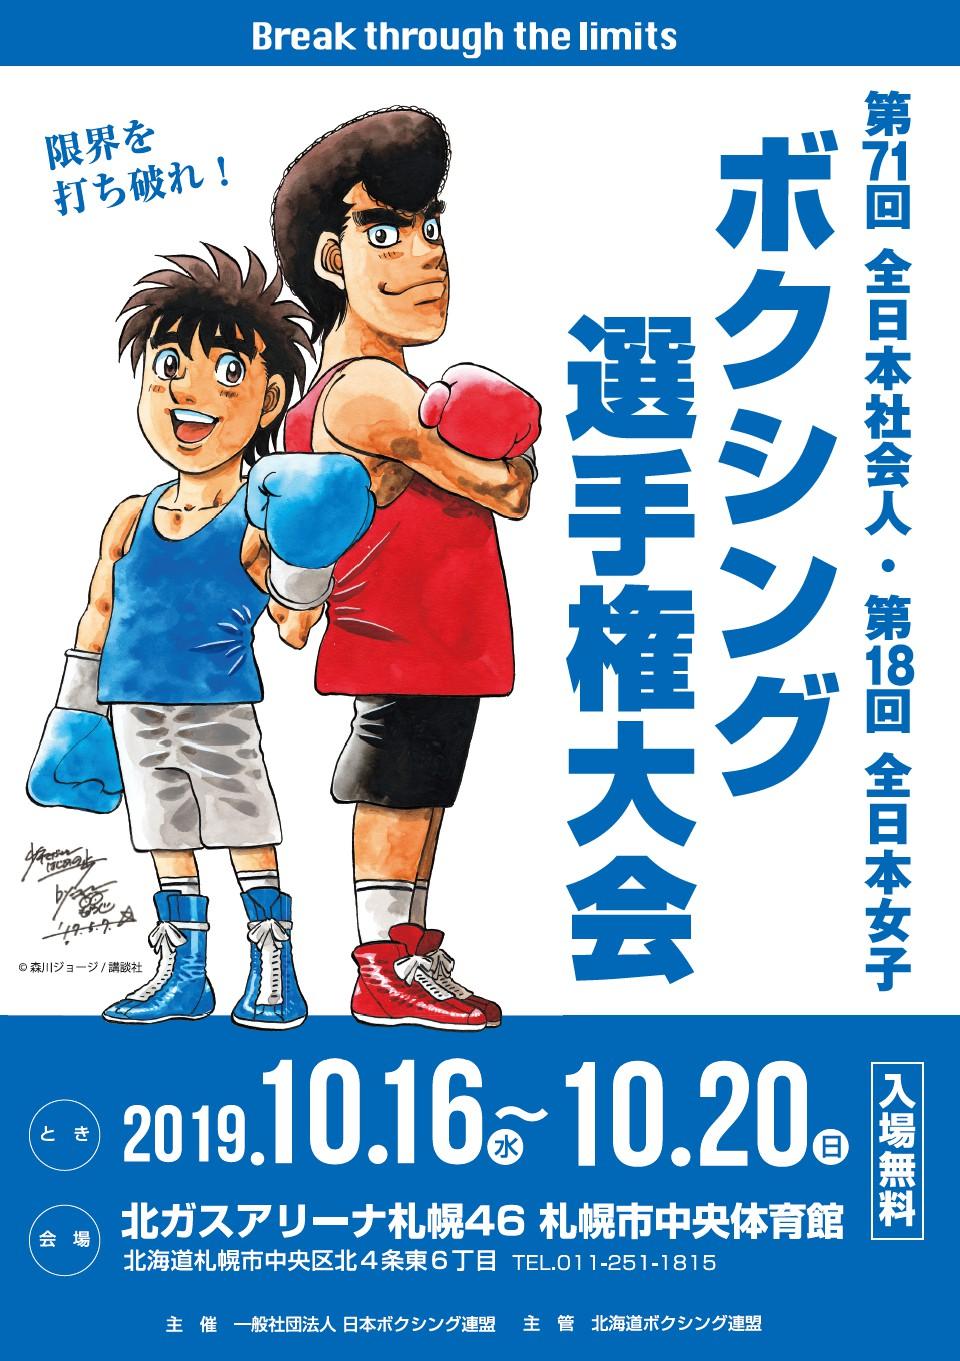 2019年 第71回全日本社会人ボクシング選手権大会 兼 第18回全日本女子 ...